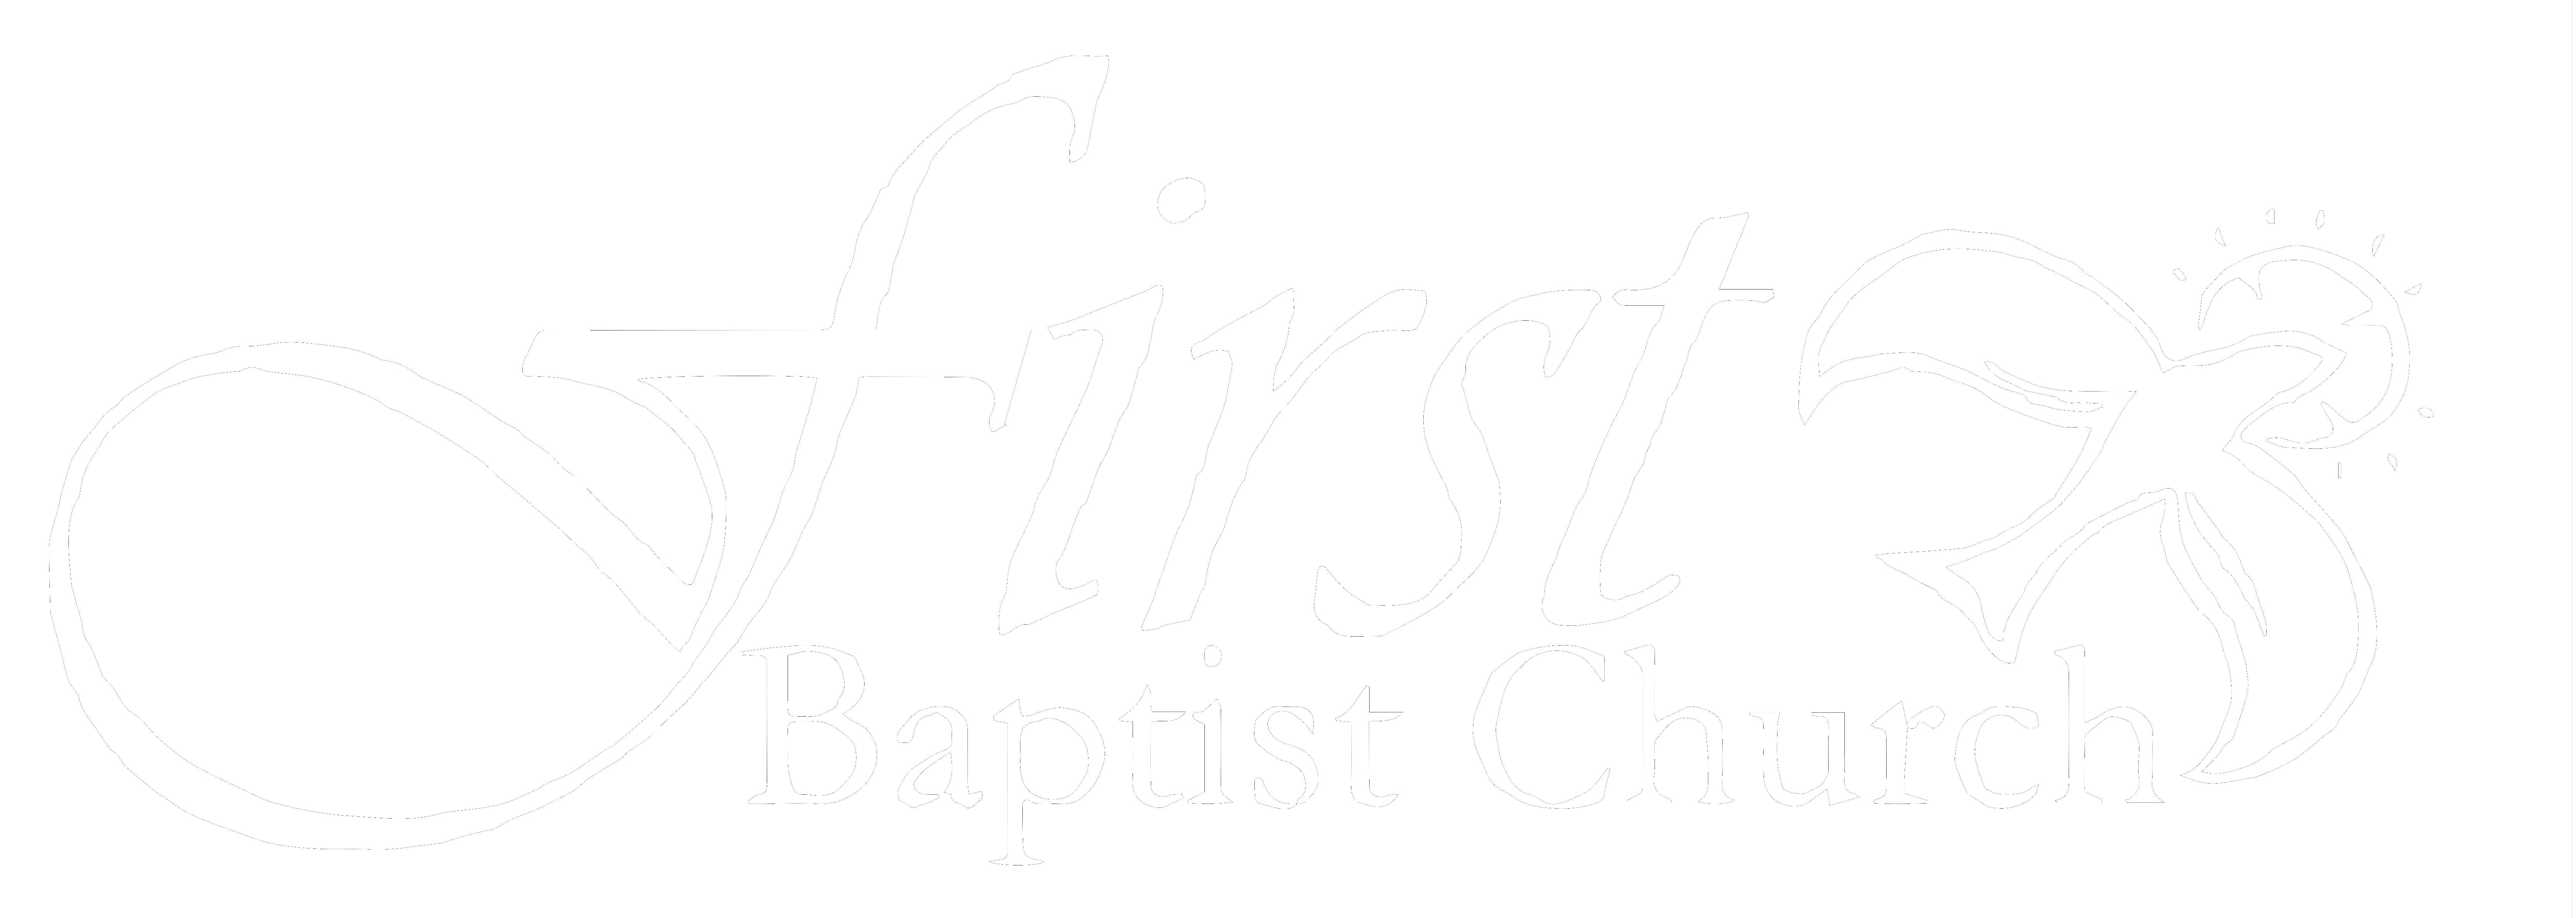 Meet The Staff First Baptist Church Comanche Texas